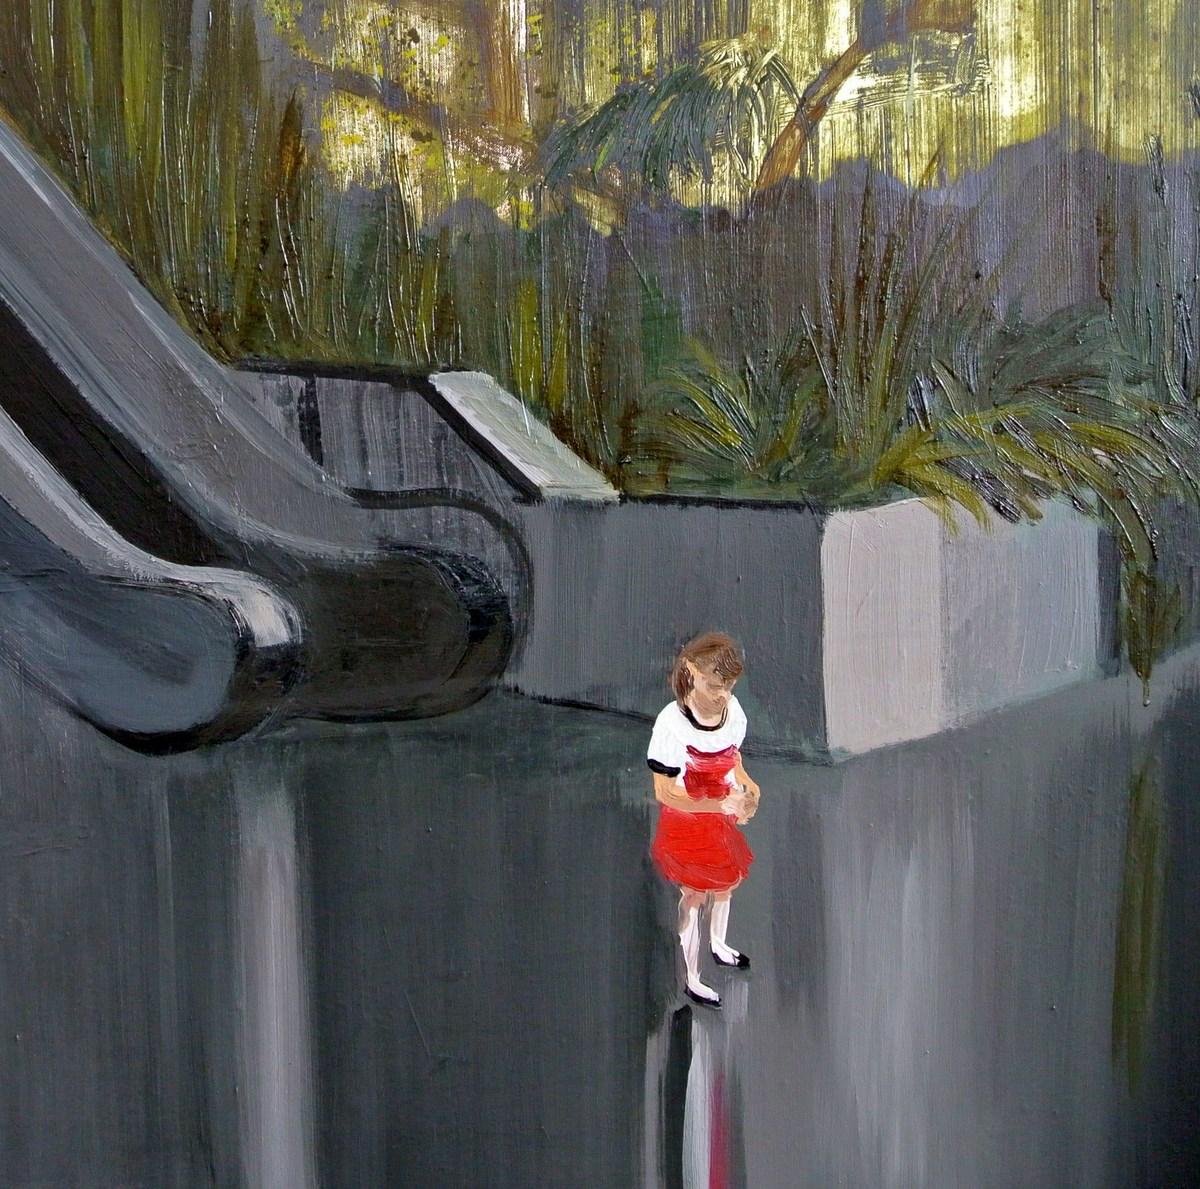 """Agata Nowosielska, """"littleredridighood, czerwony kapturek"""", olej na płótnie, 100x200 cm, 2014 (źródło: materiały prasowe organizatora)"""